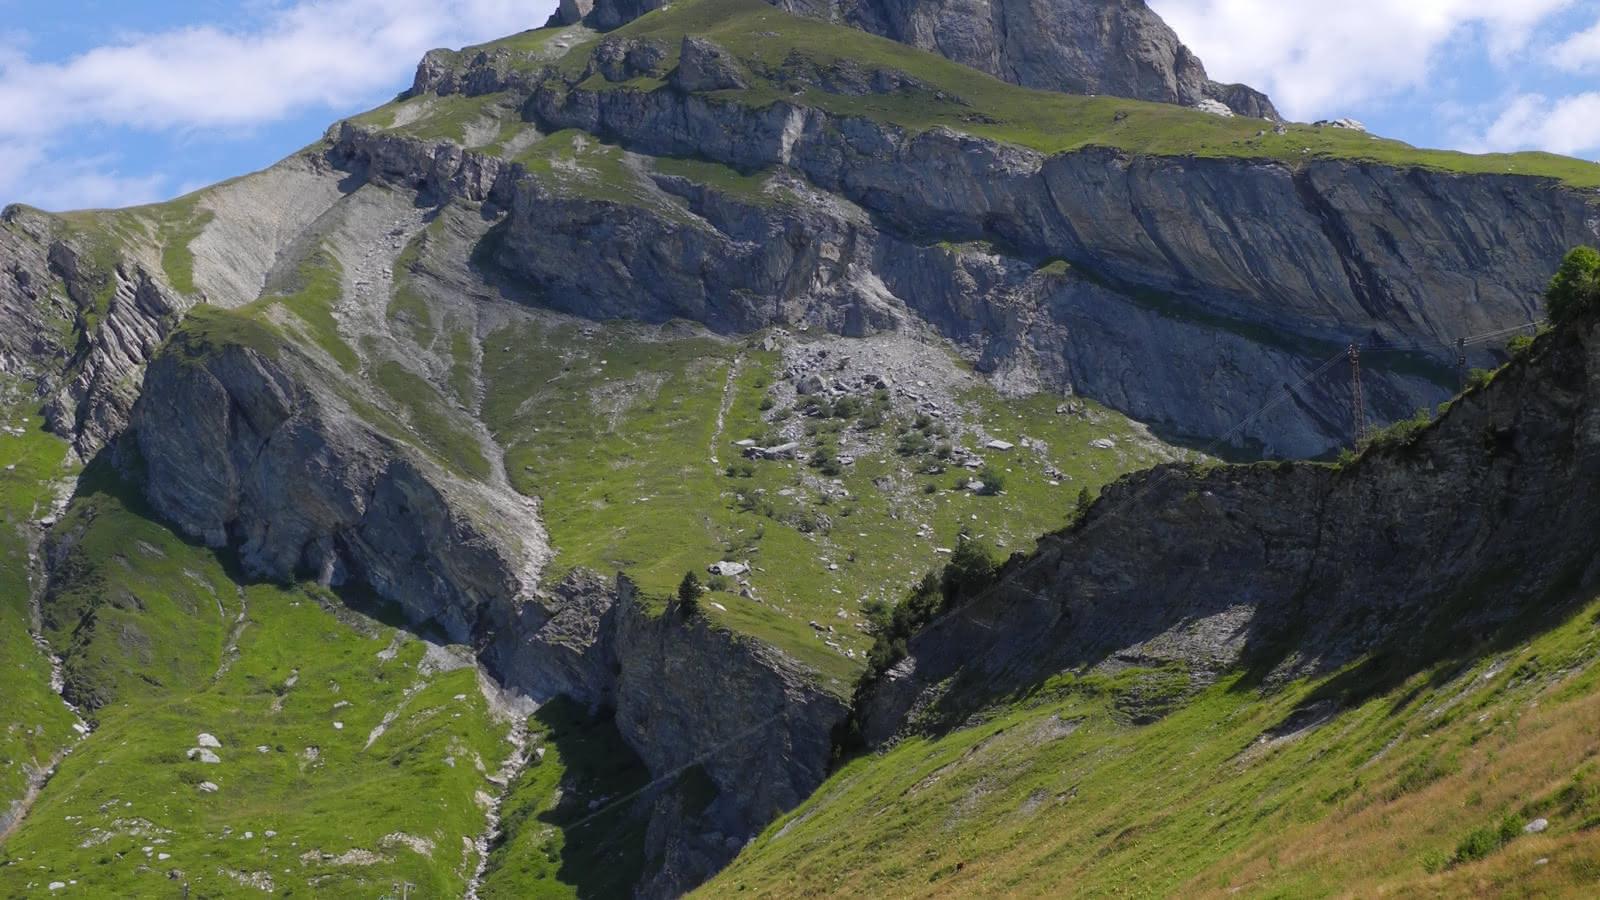 Le roc du Vent